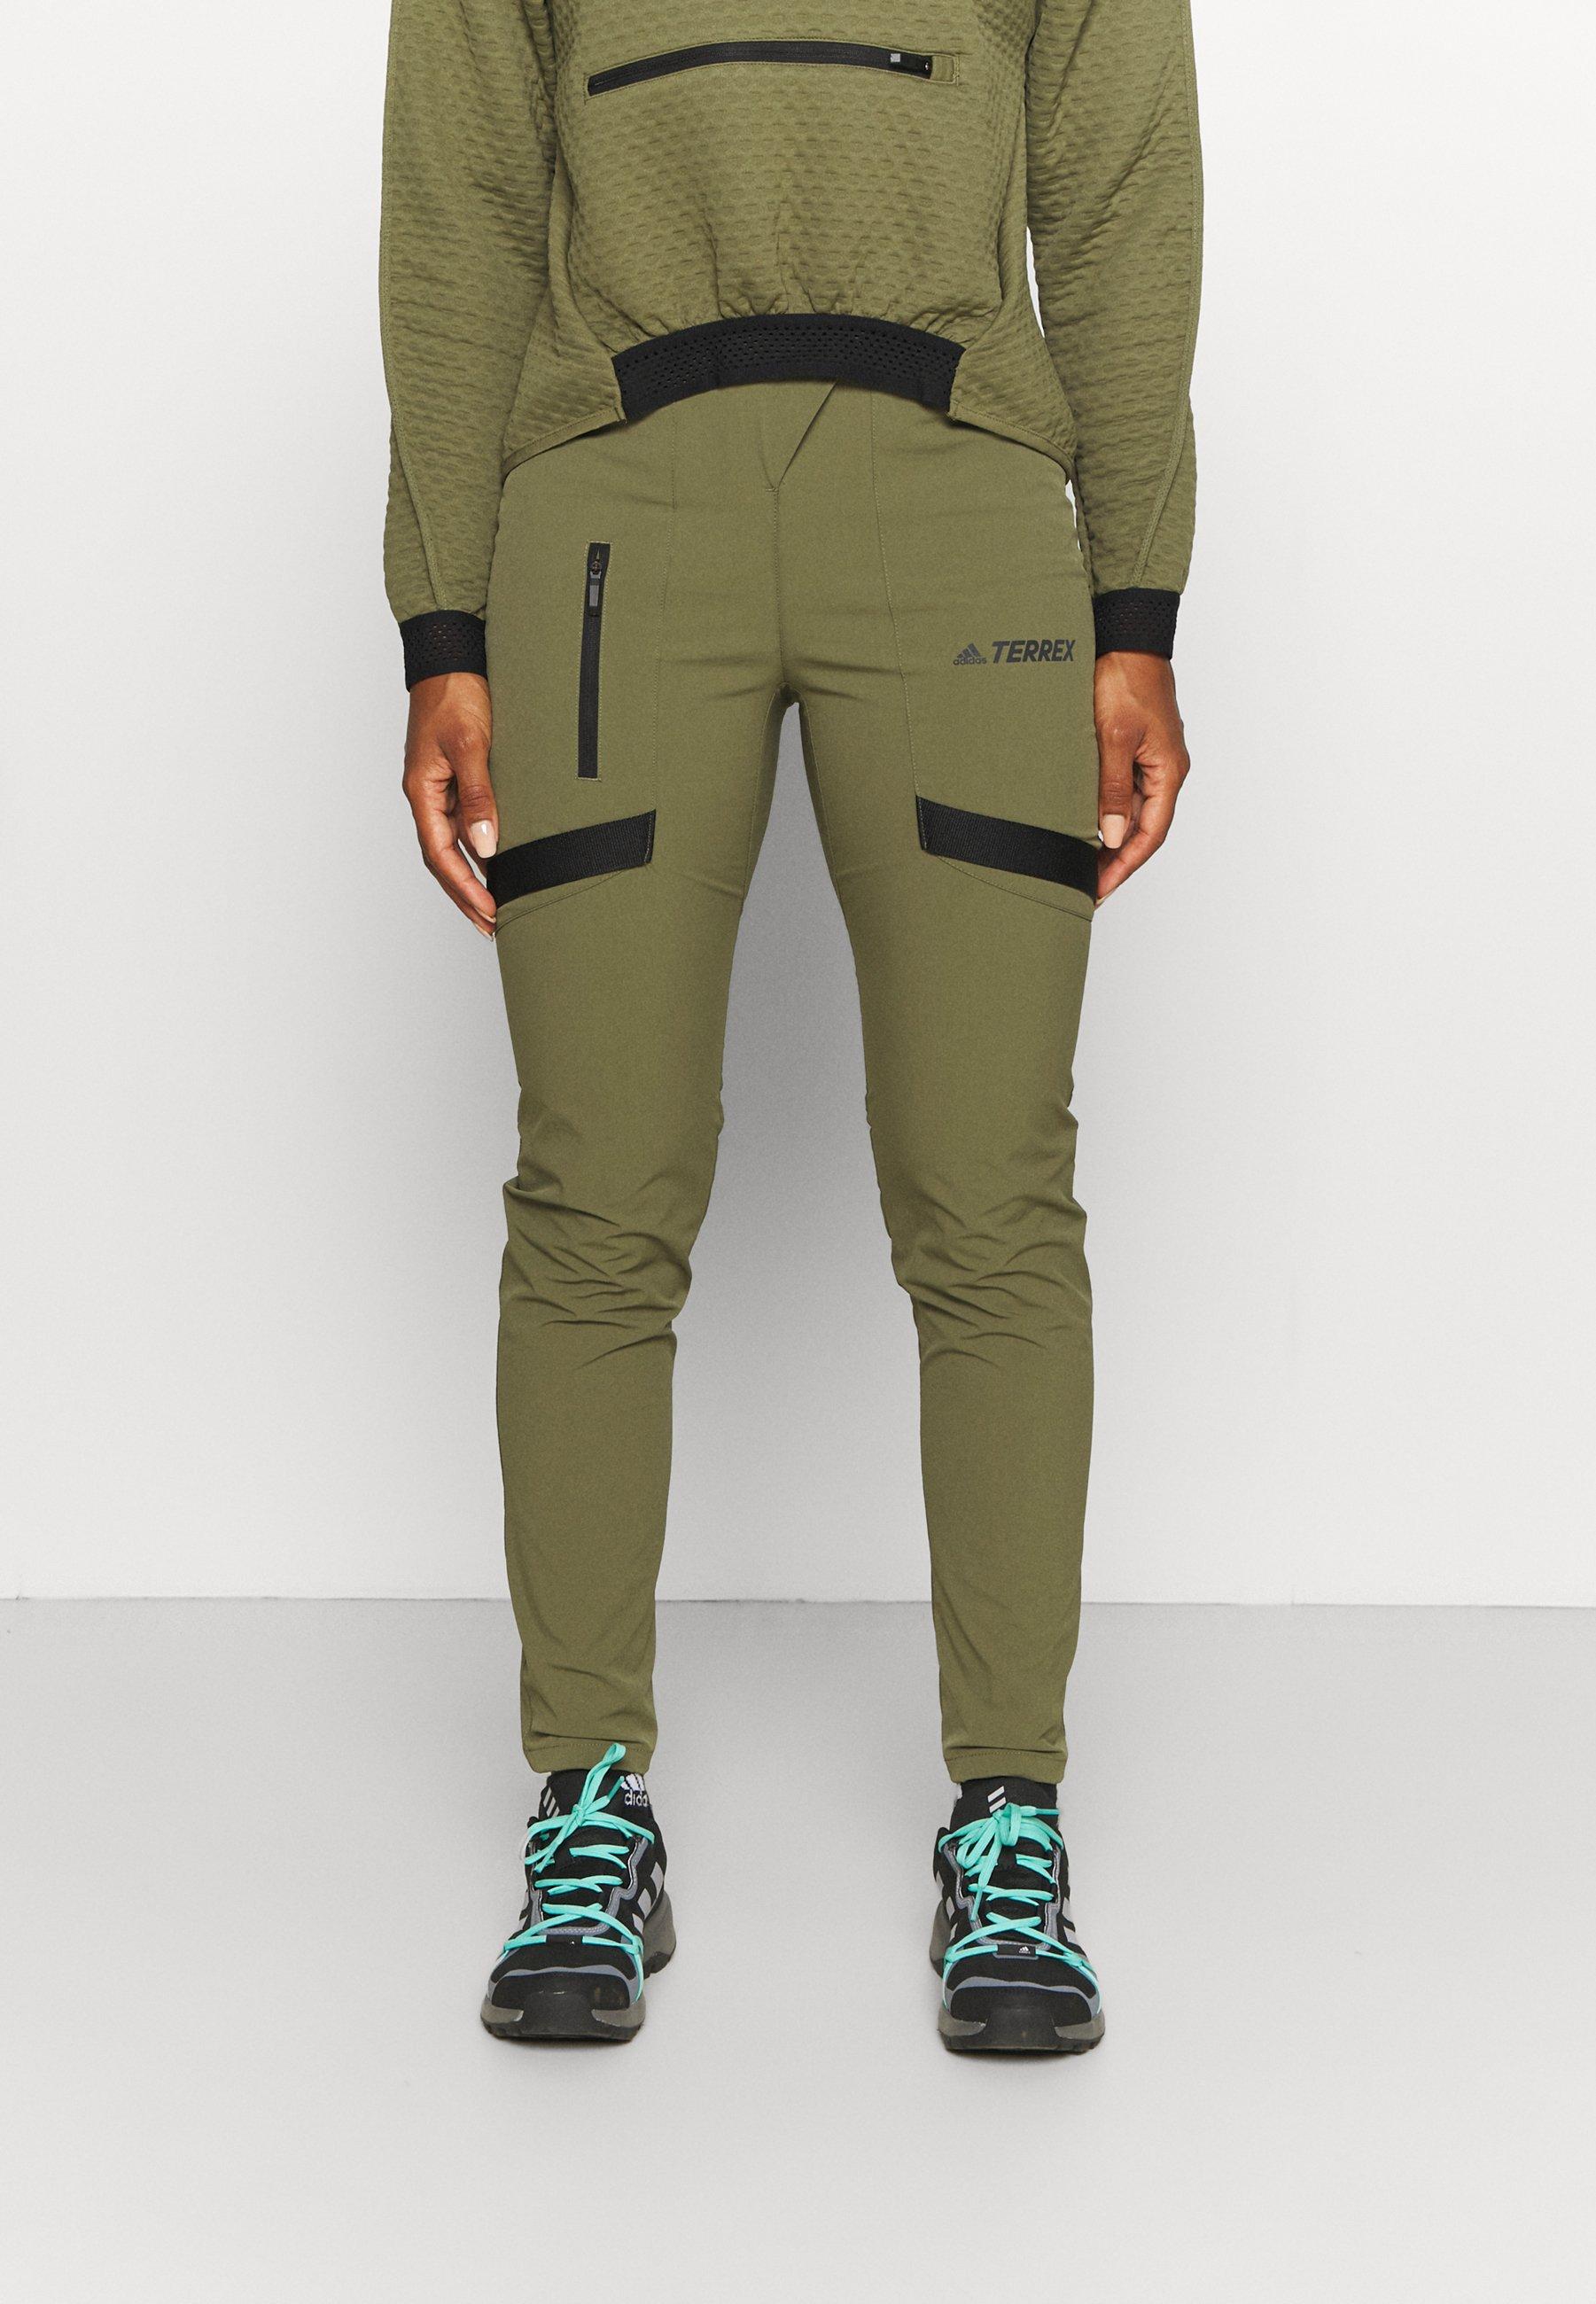 Femme TERREX ZUPAHIKE - Pantalons outdoor